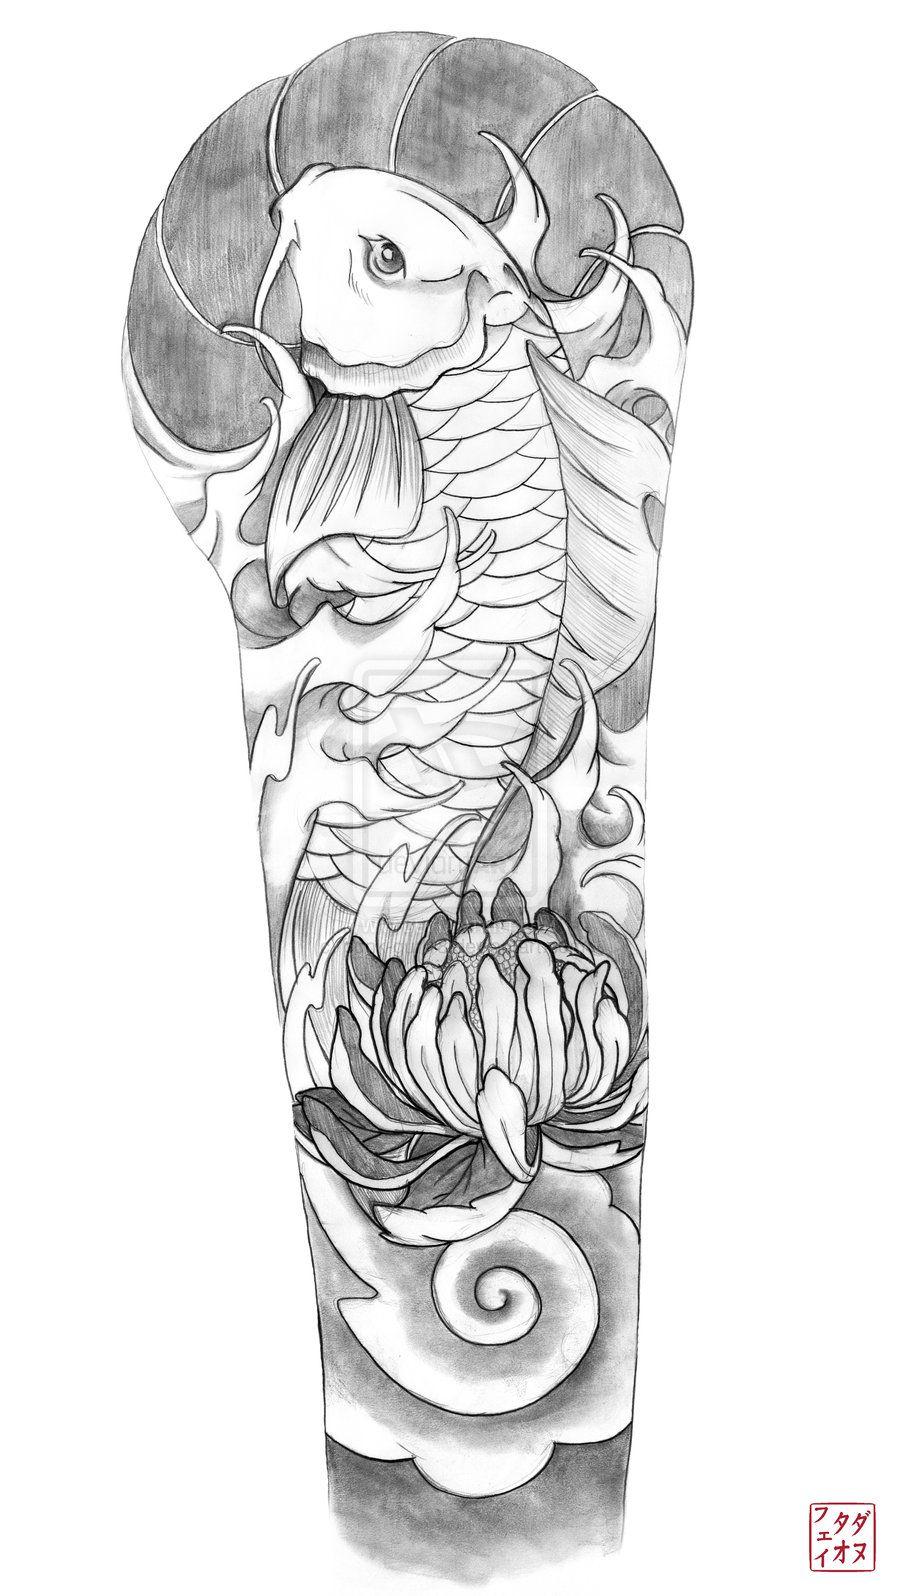 Tattoo Sketches Beattattoo Com Music Tattoo Sleeves Half Sleeve Tattoo Half Sleeve Tattoos Sketches